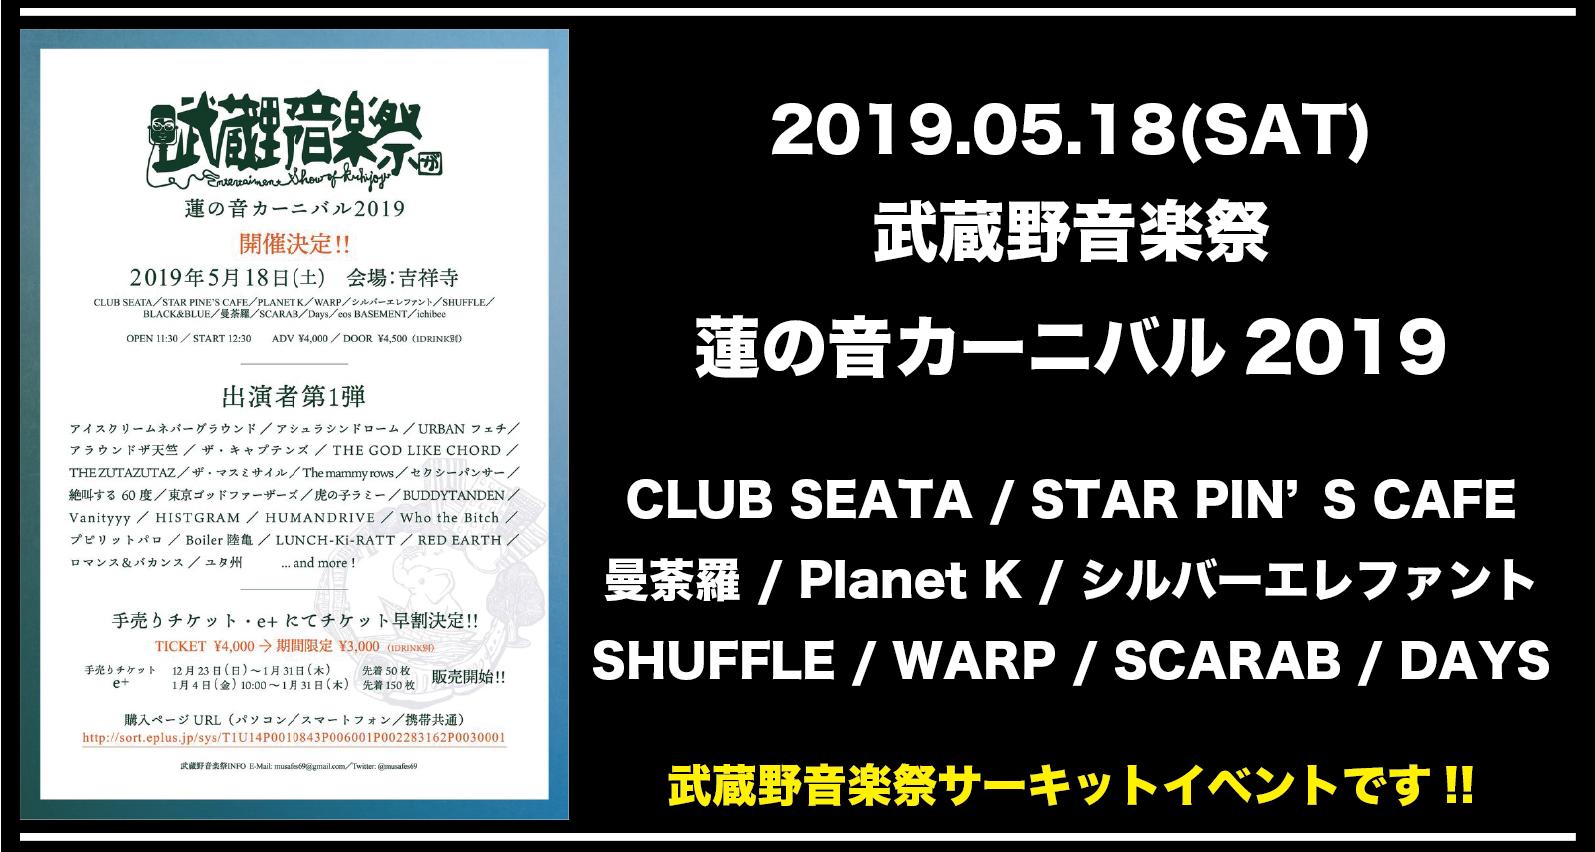 武蔵野音楽祭 蓮の音カーニバル2019